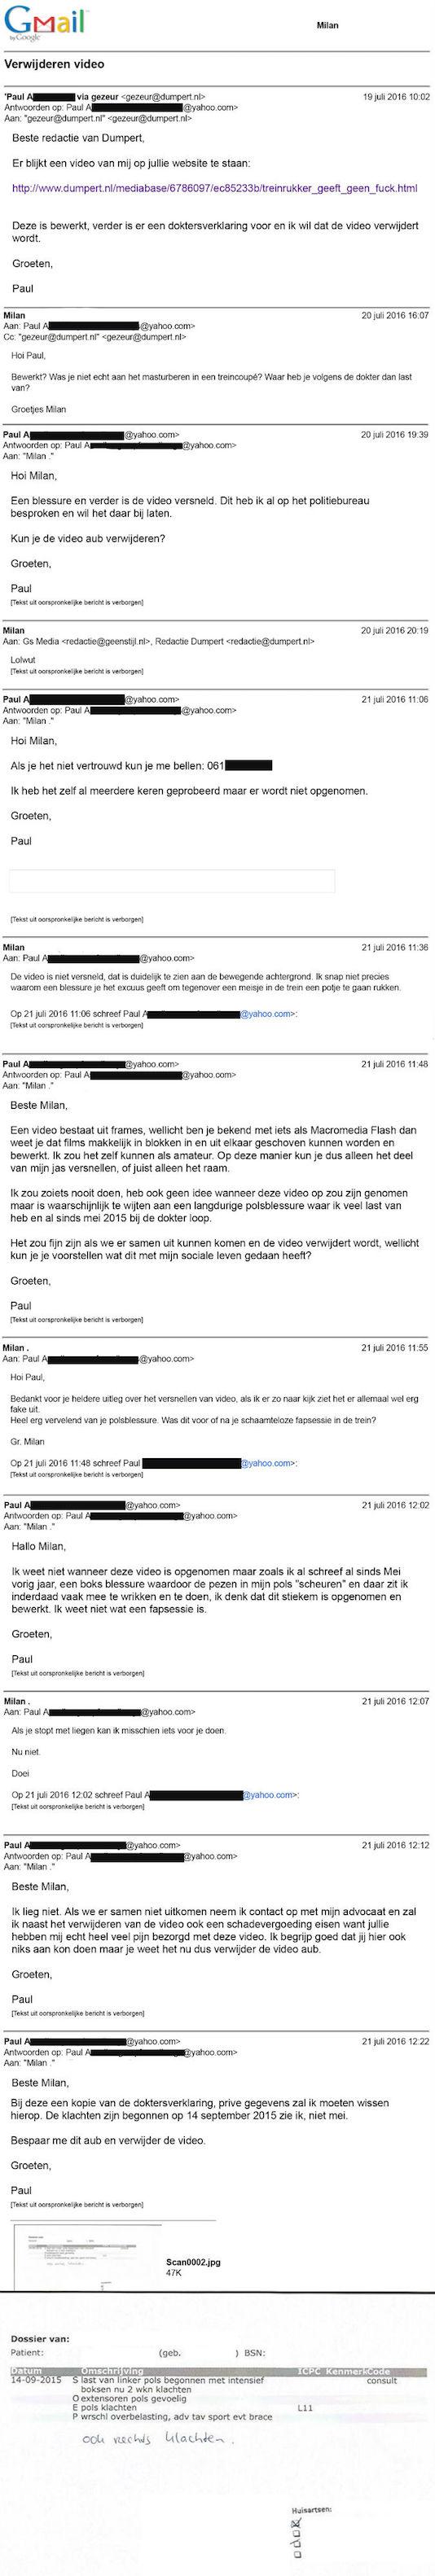 emailtreinrukkerdumpertedit.jpg